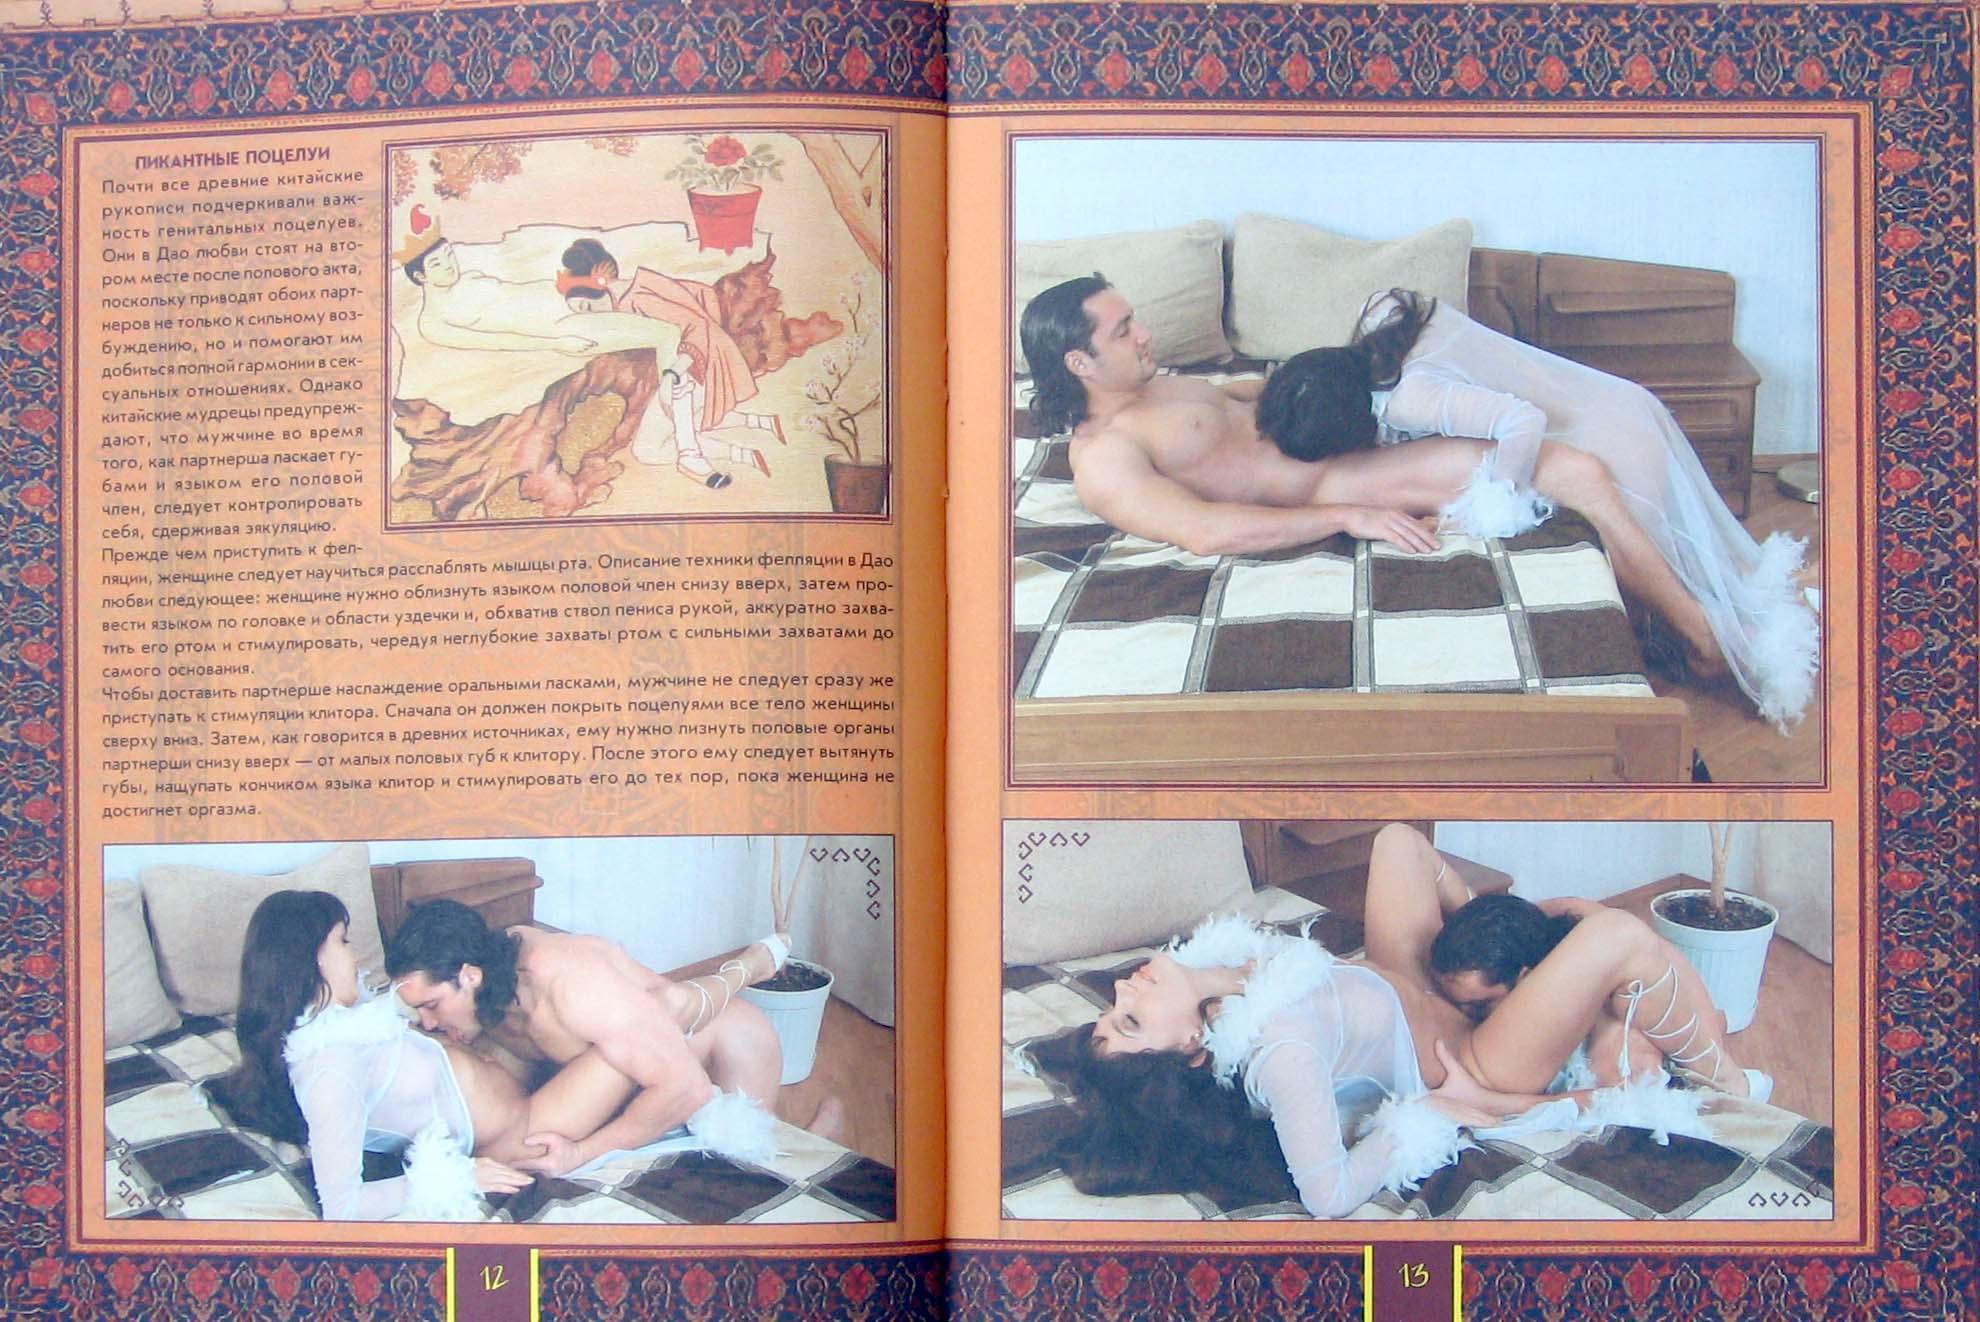 Эротические рассказы китай 23 фотография